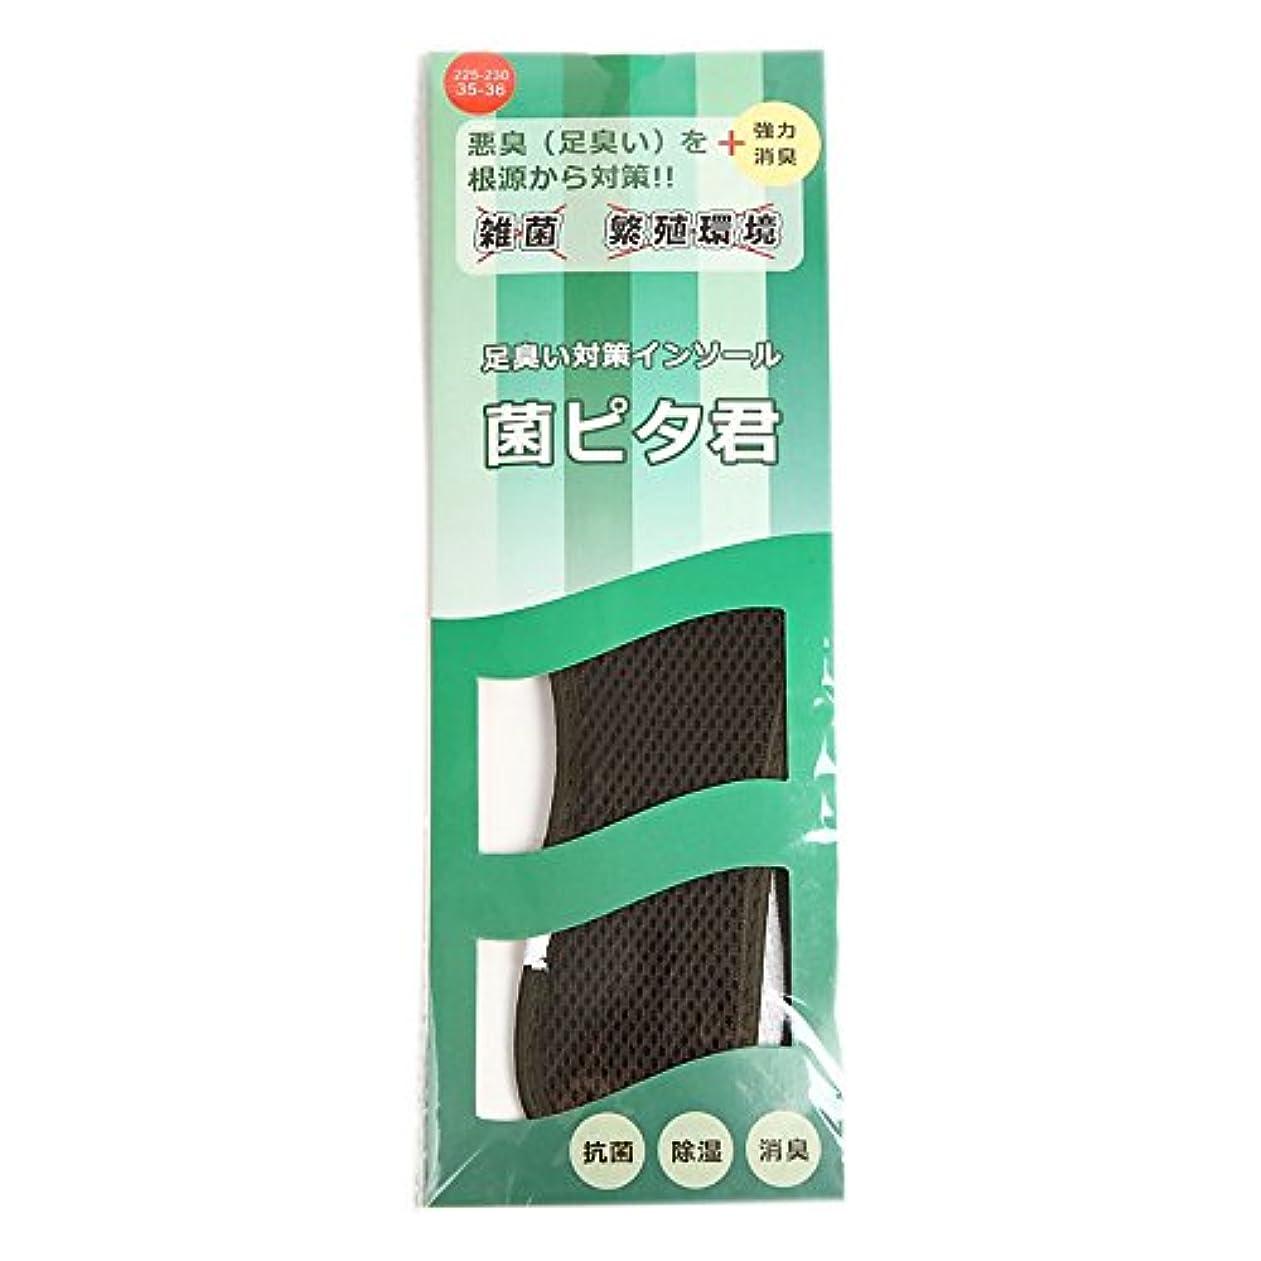 のりベーシック織機足臭い対策インソール(靴の中敷) 菌ピタ君 1足分(2枚入) (29.5~30cm)